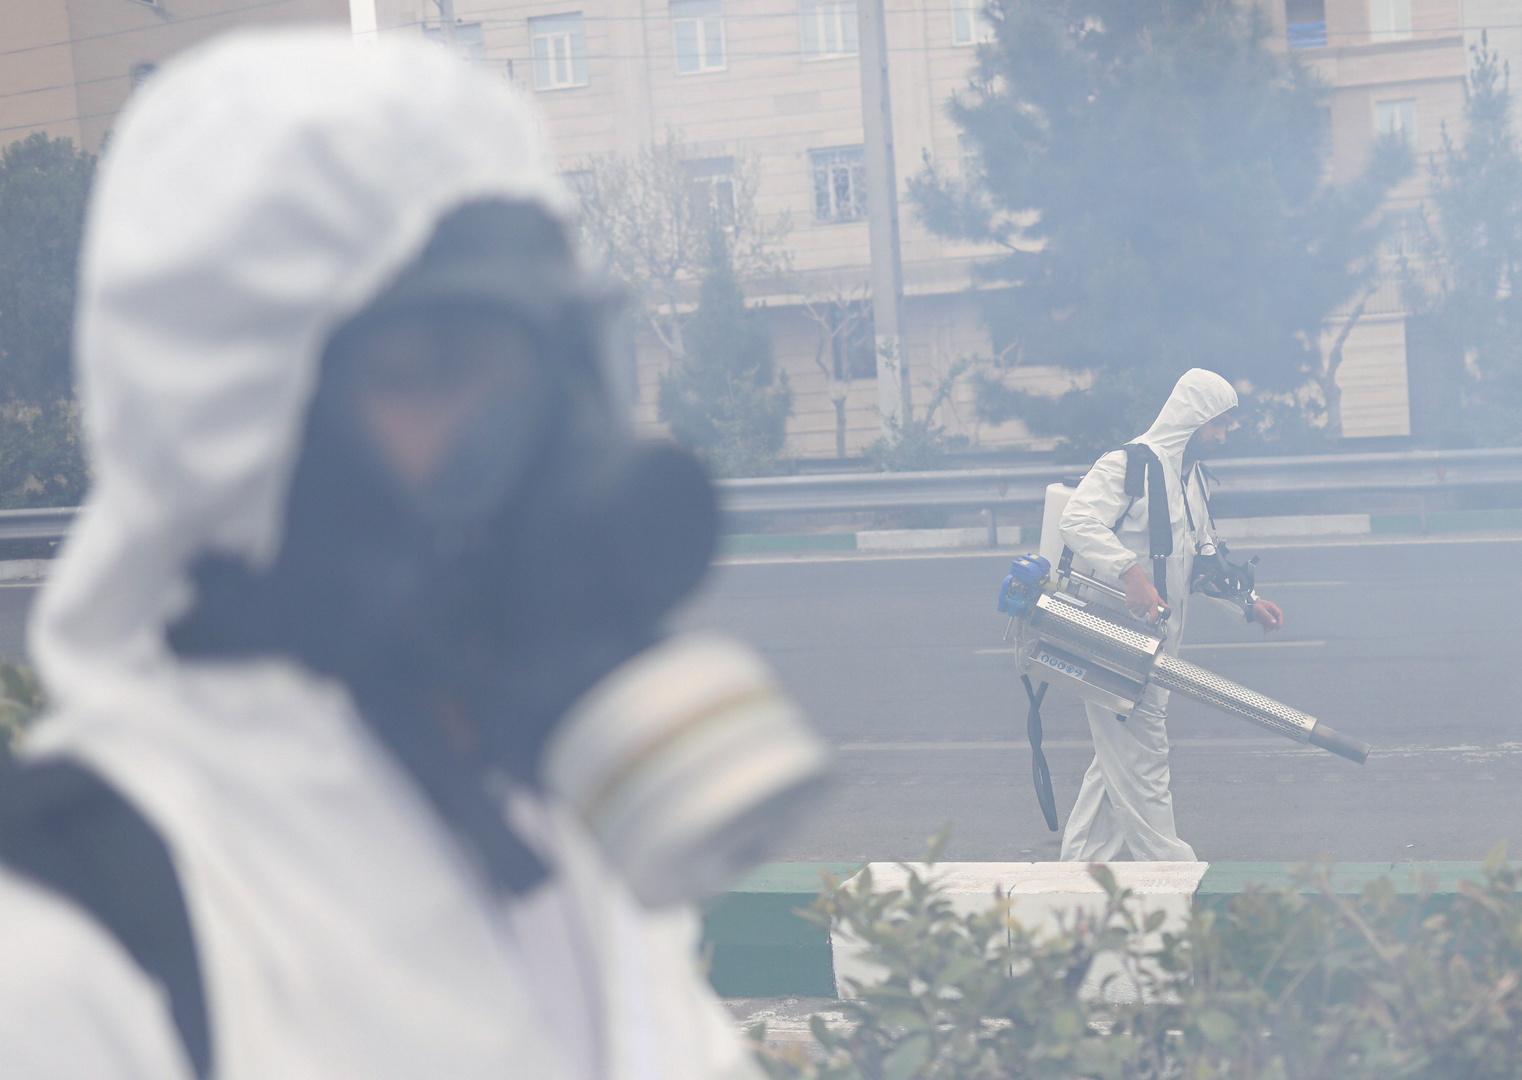 روحاني: فيروس كورونا قد يبقى في المجتمع ربما لعام آخر أو عامين